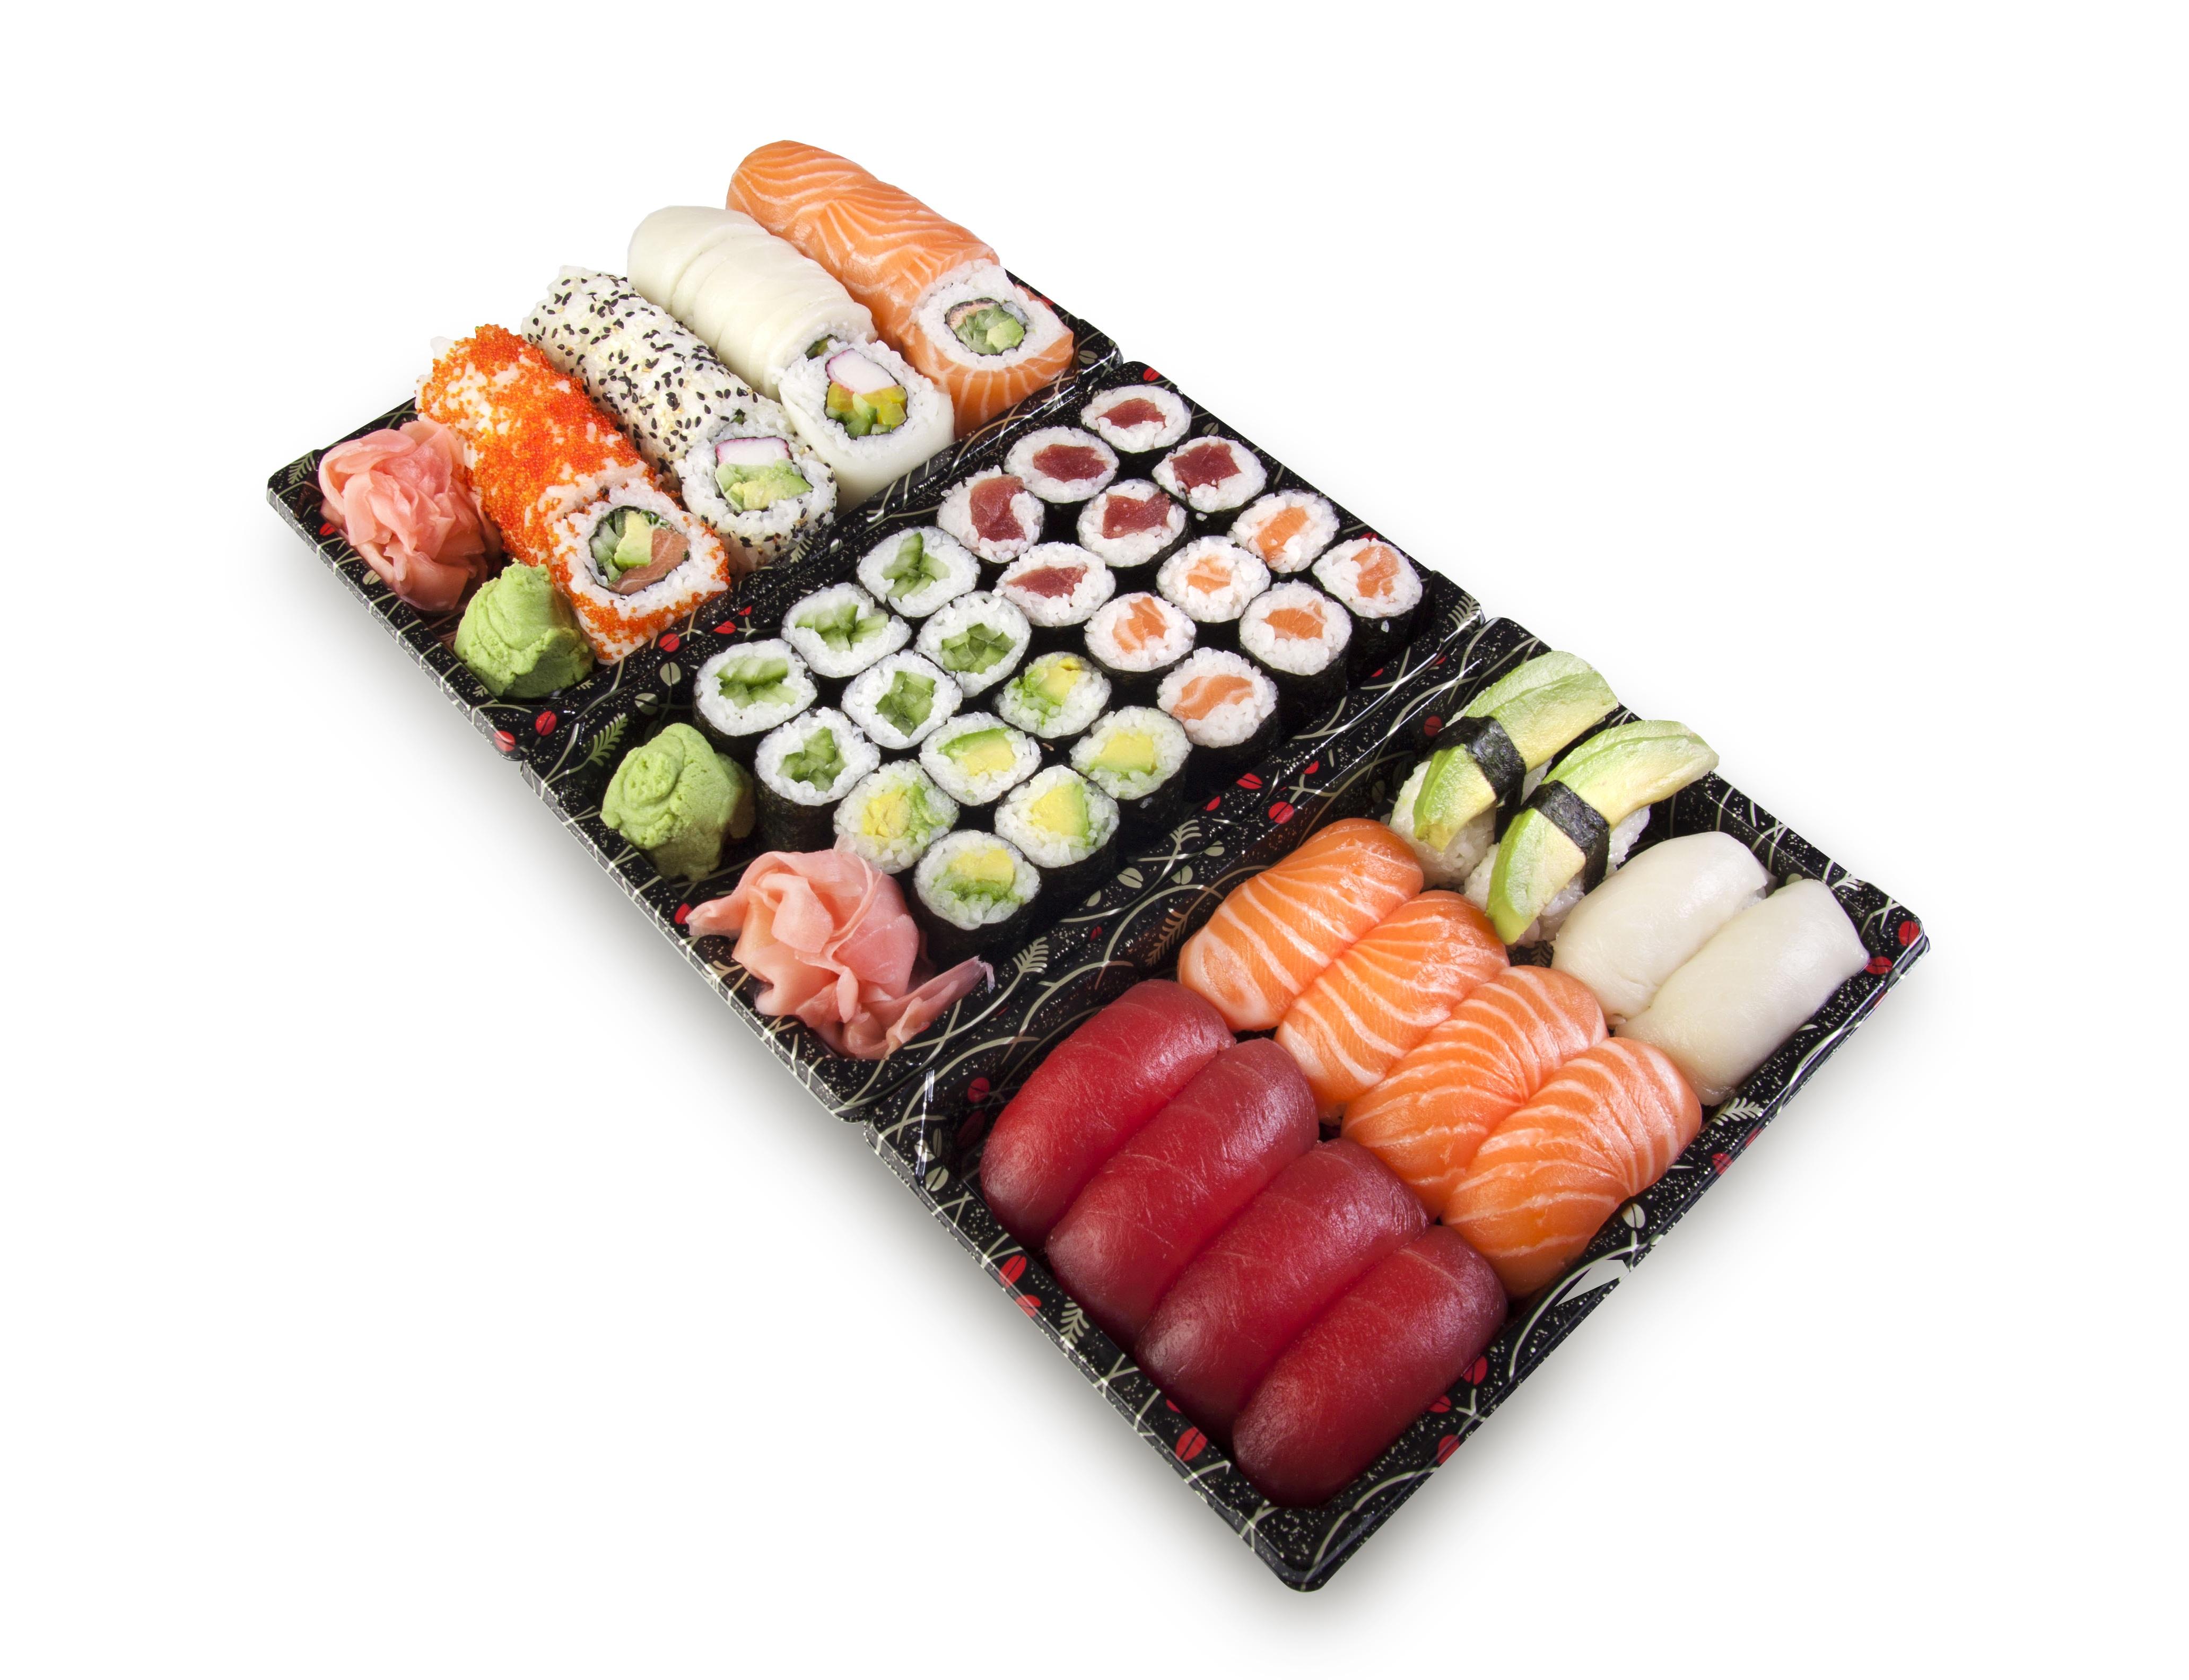 Kostenlose foto : Gericht, Lebensmittel, produzieren, Set, Fisch ...